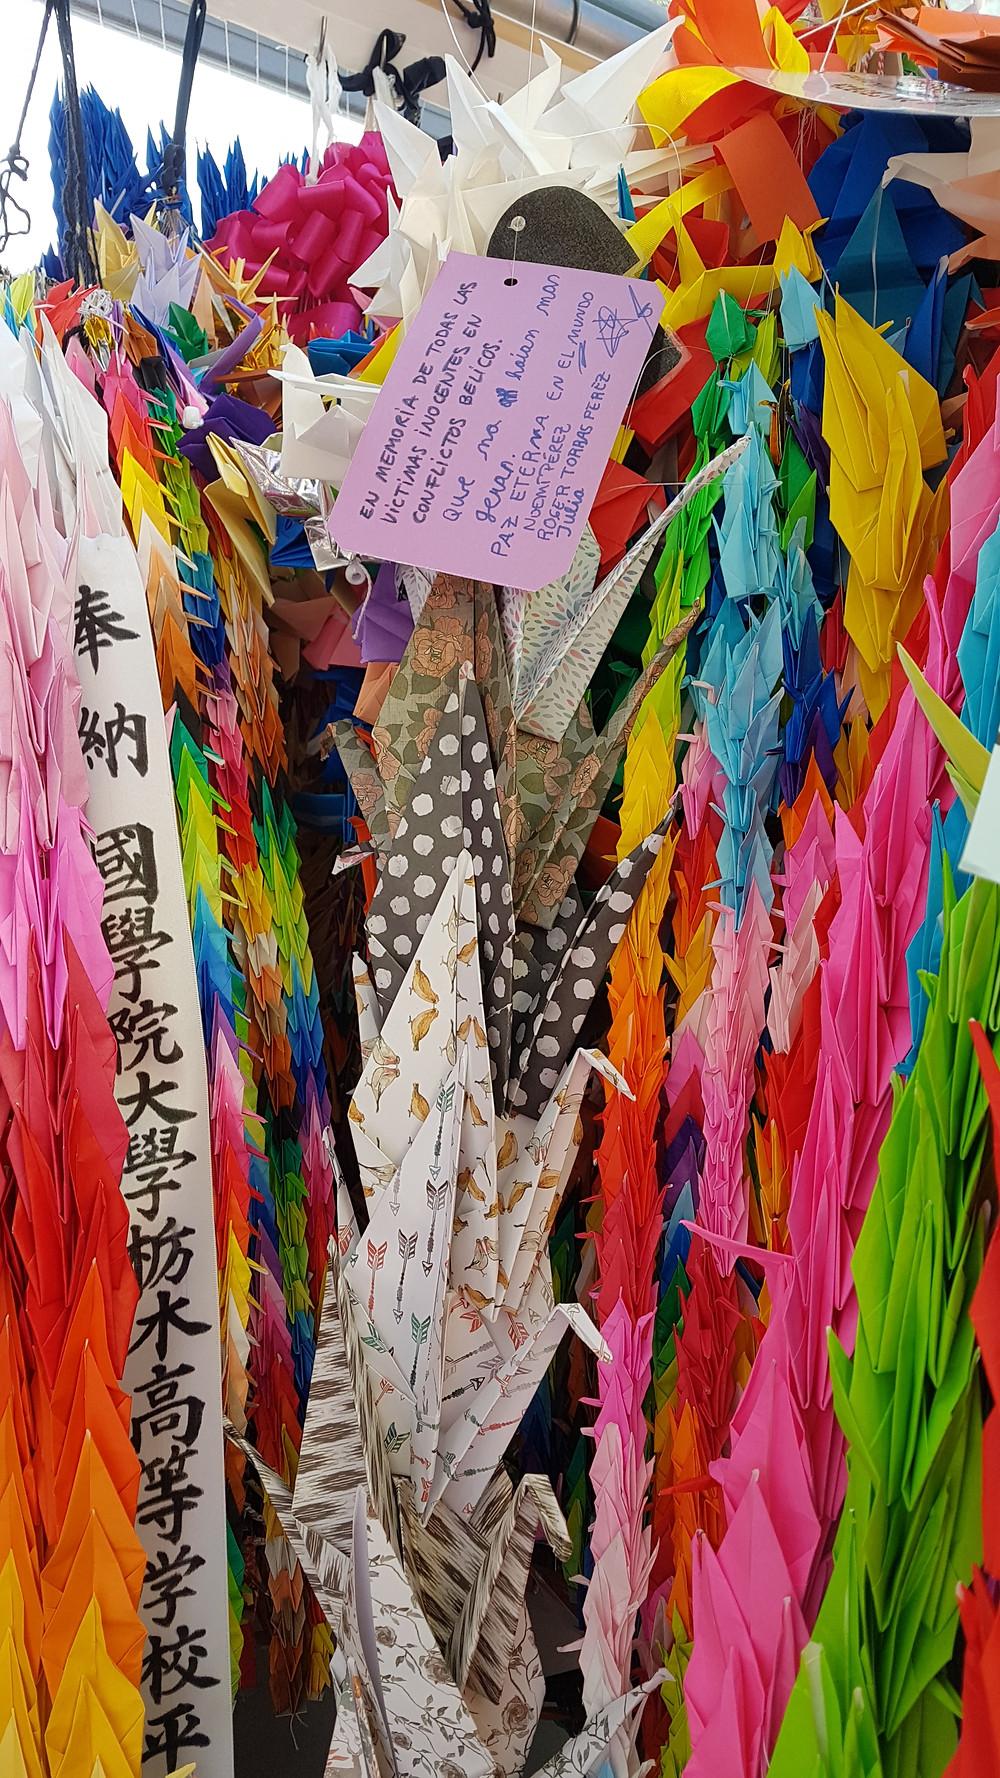 grullas papel, sadako, hiroshima, japon, japan